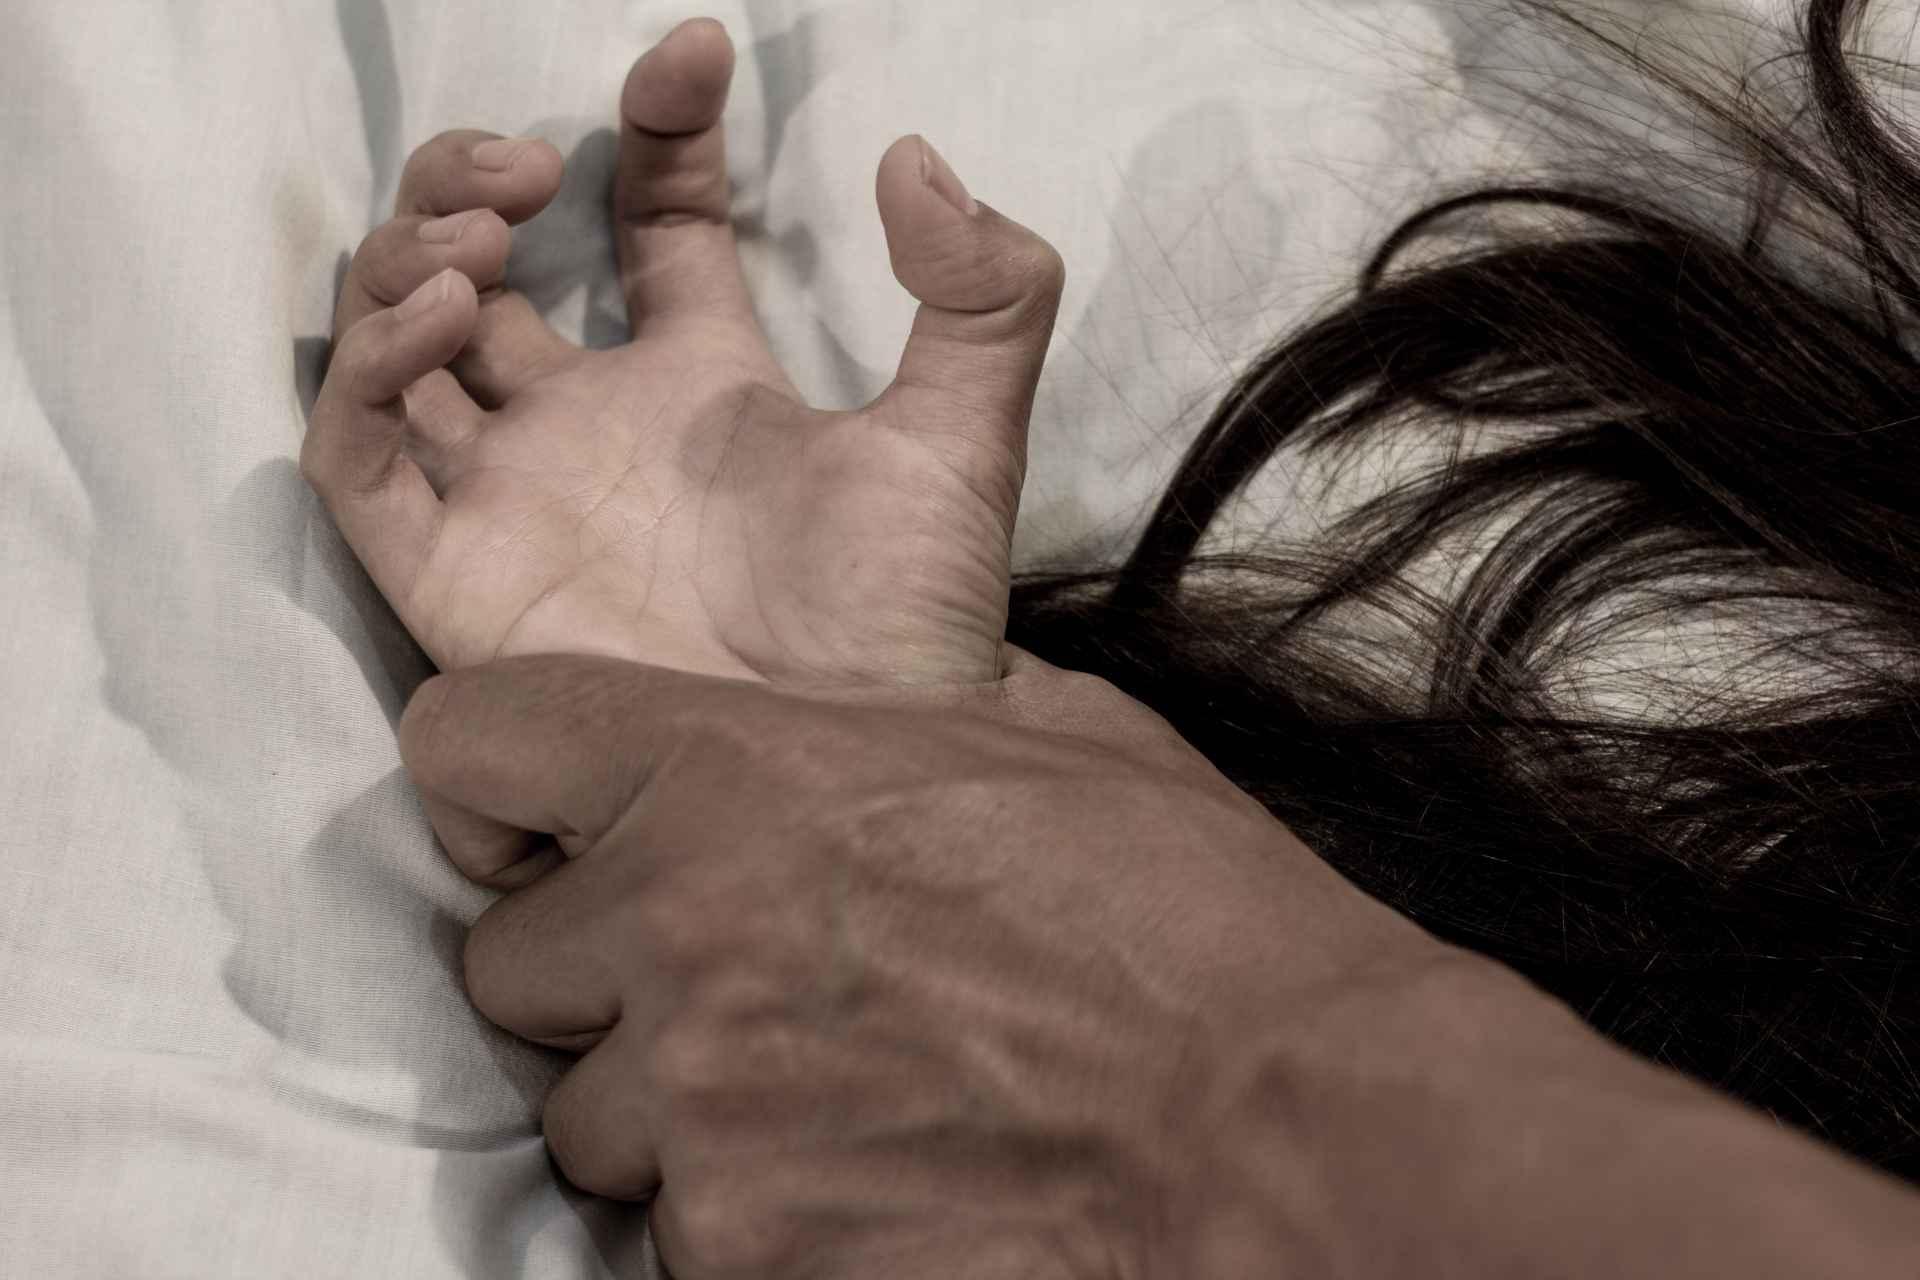 Vivir una Vida Sexual Positiva Episodio 13: Mes de de la Conciencia sobre Agresiones Sexuales. SDC.com